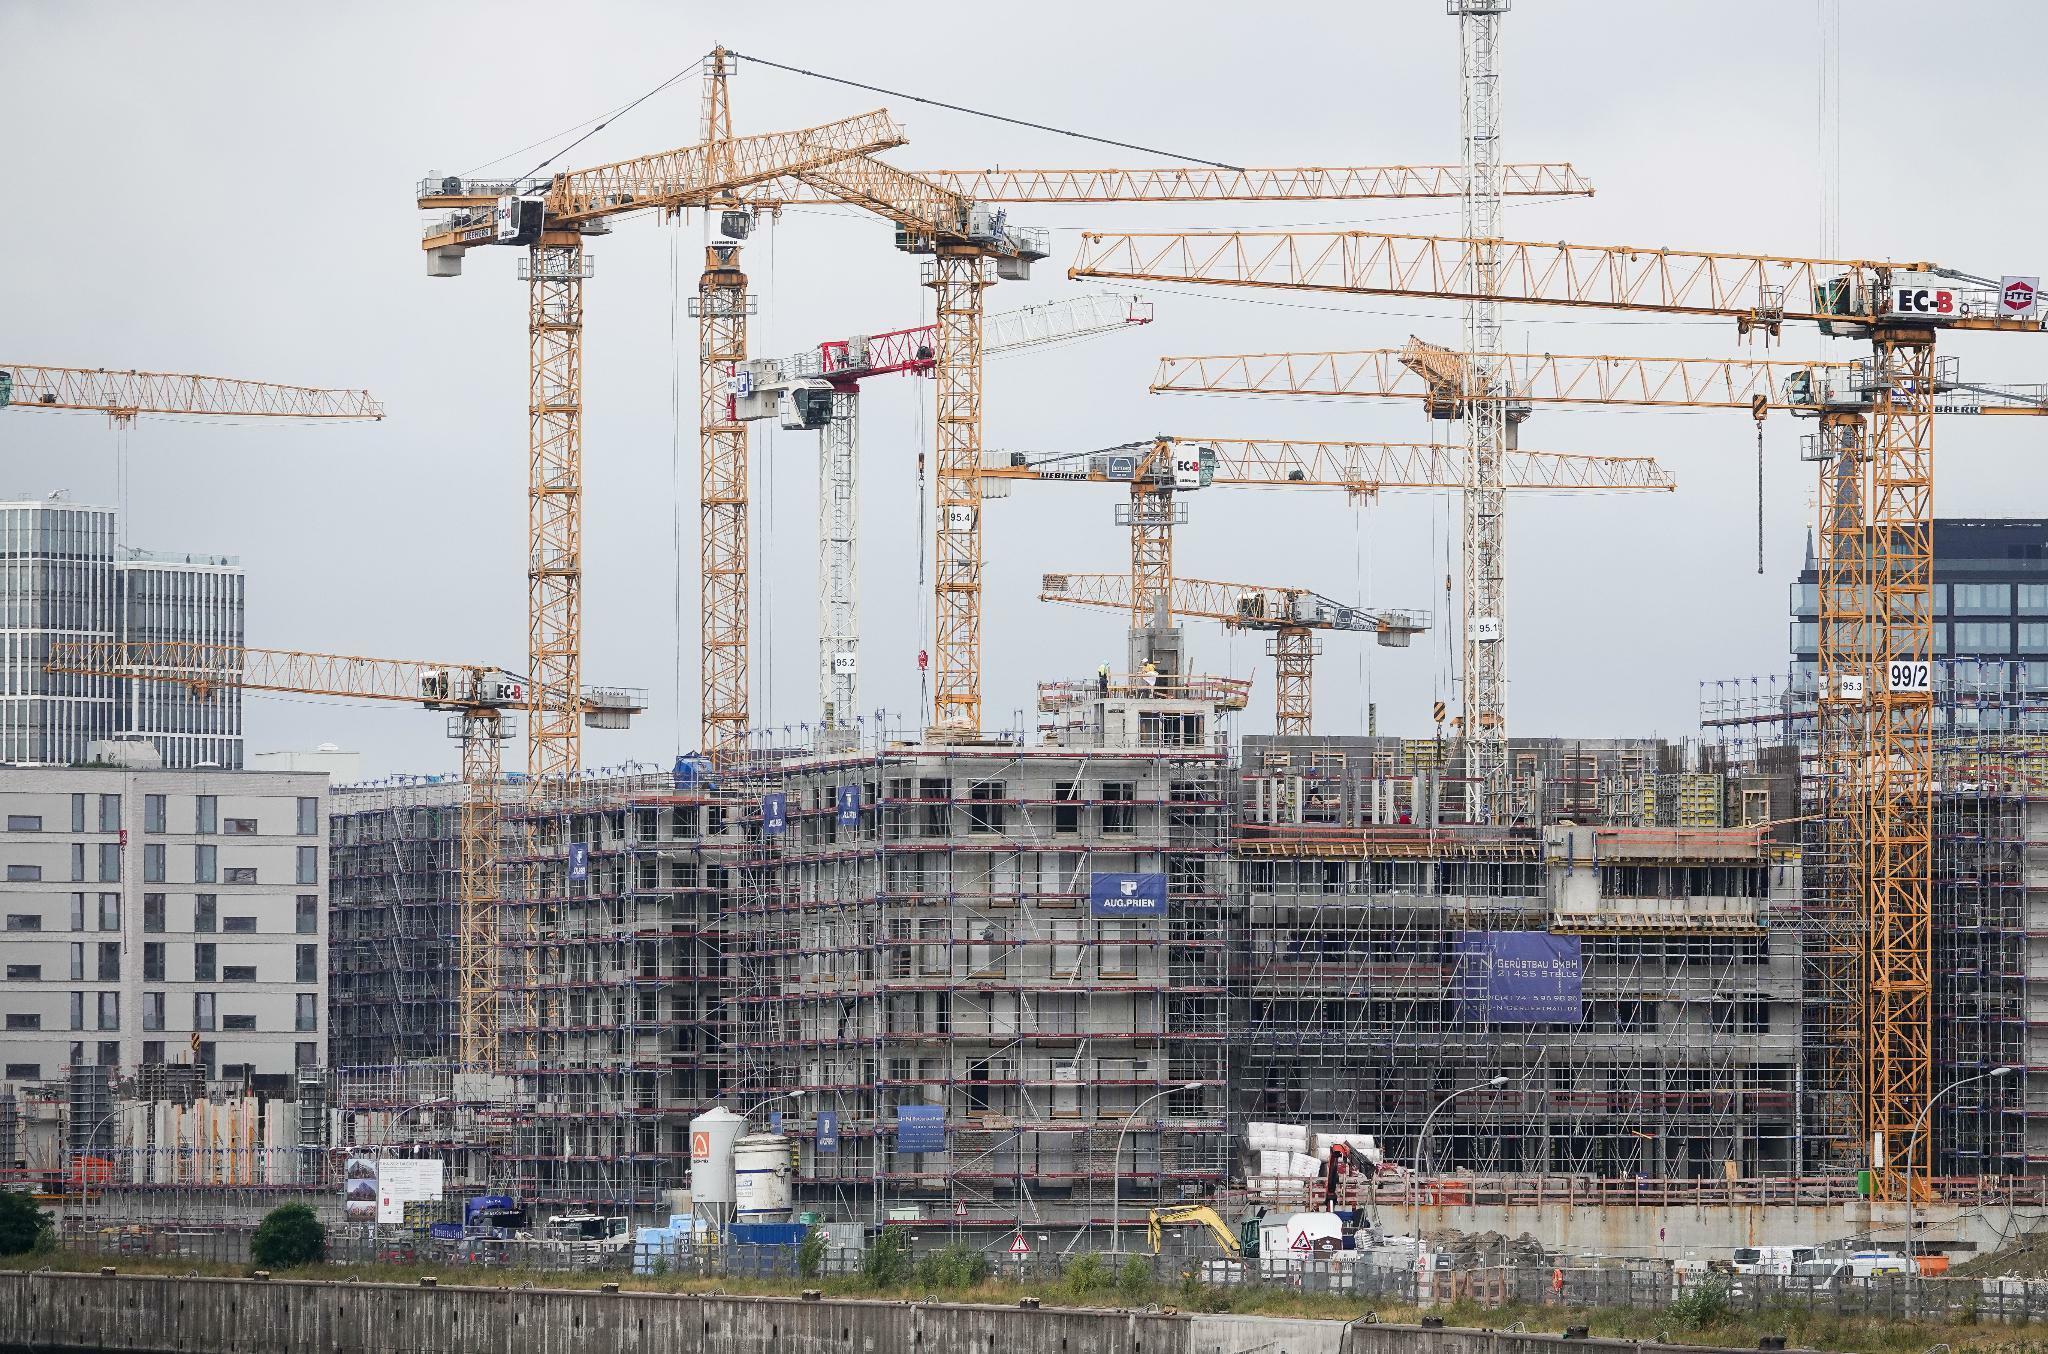 Bauprojekte: Defekte Produkte sind der häufigste Schaden